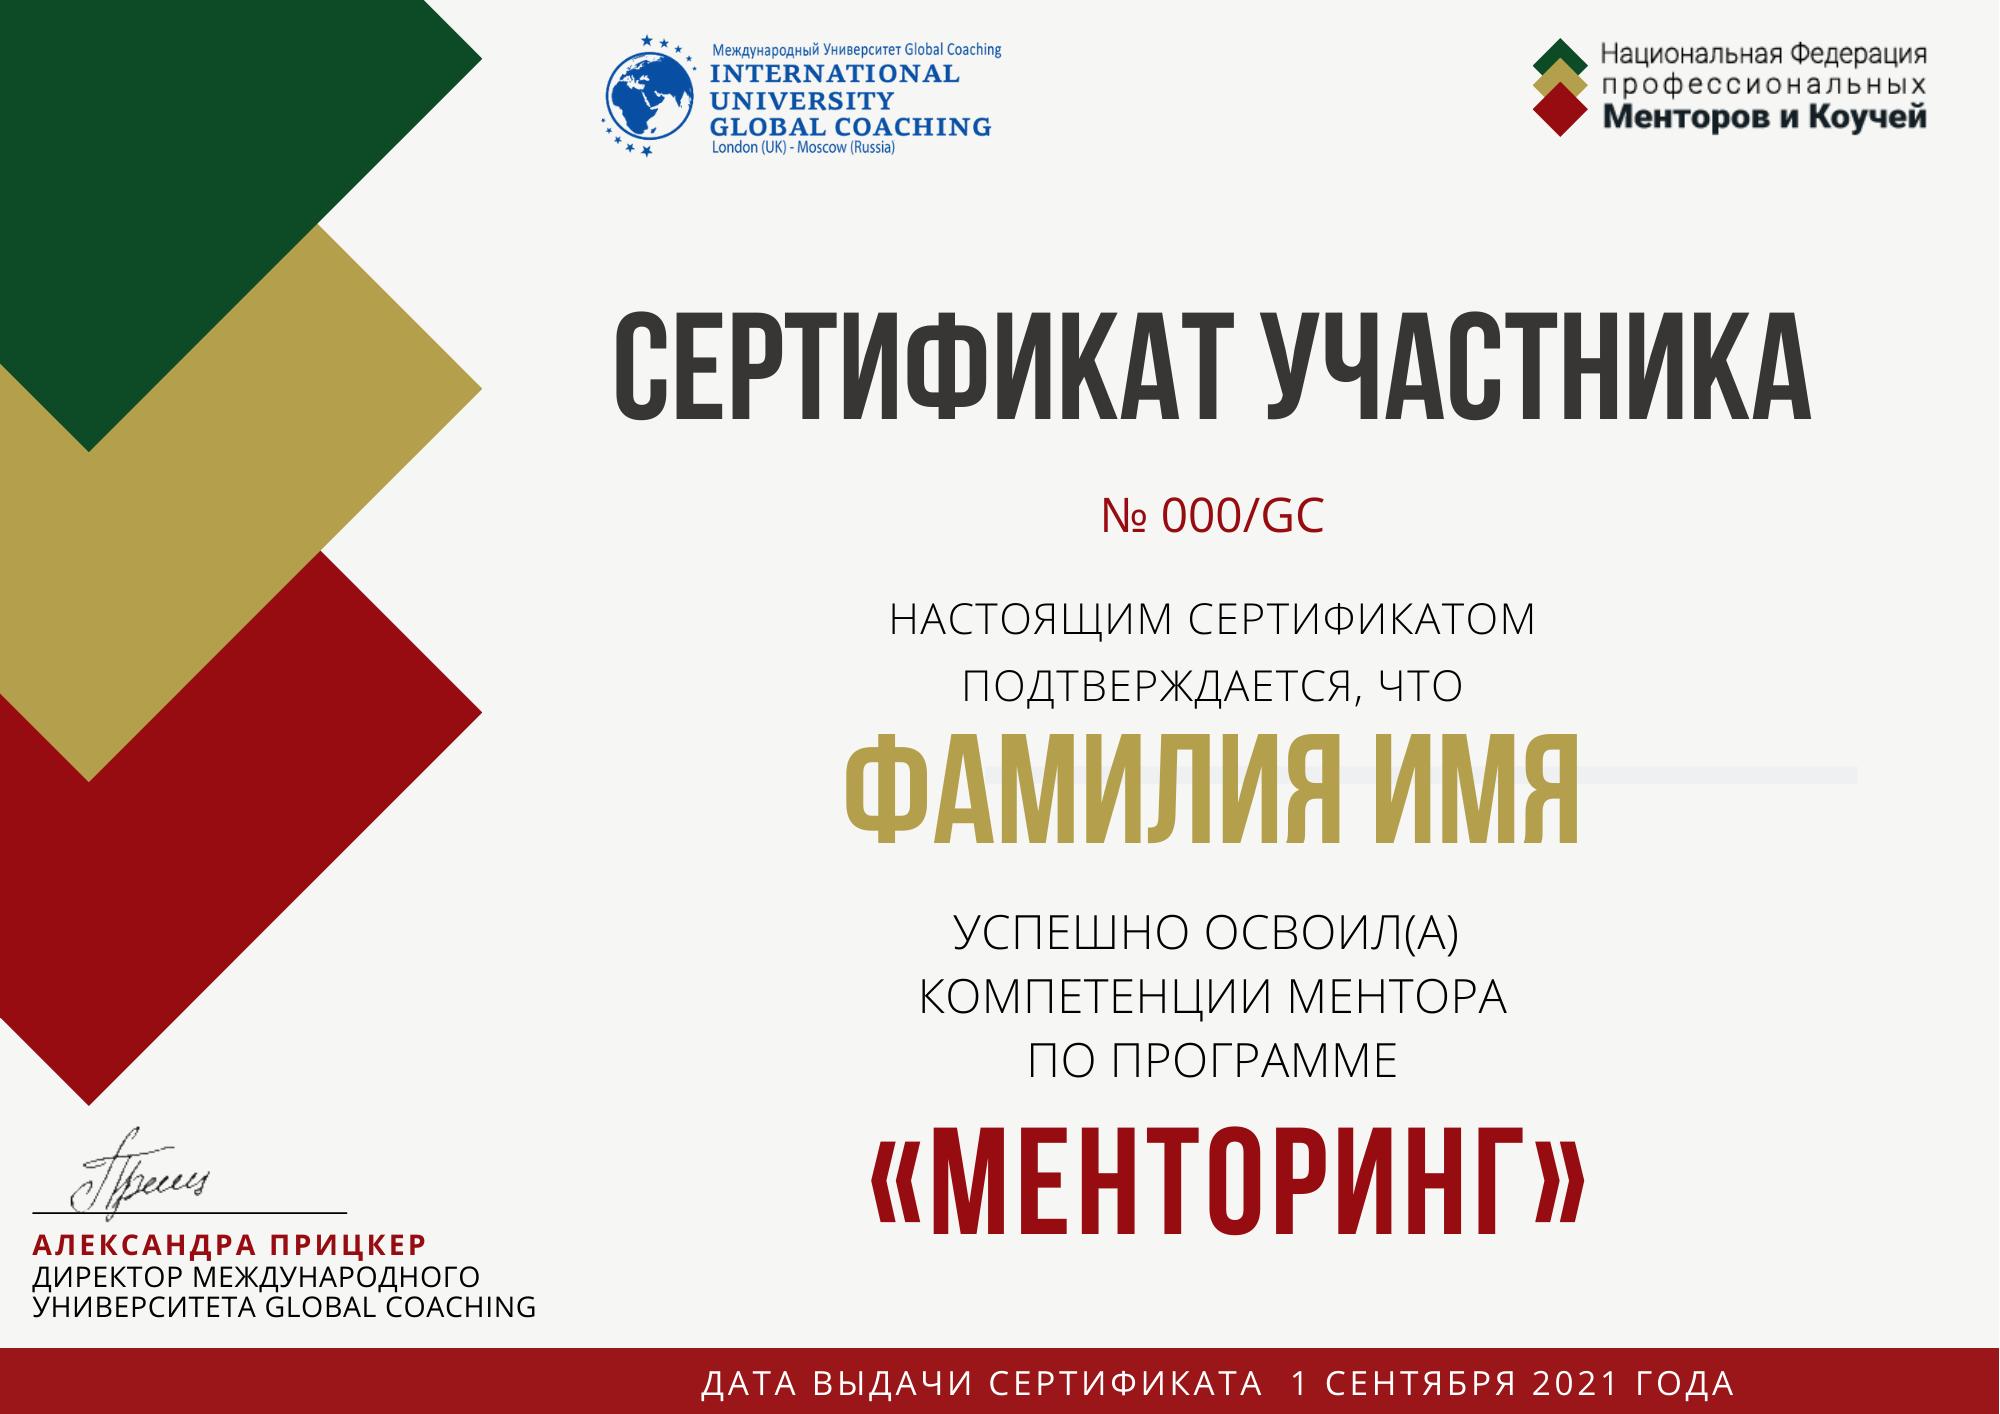 сертификат НФП, копия, копия, копия, копия, копия, копия (1)